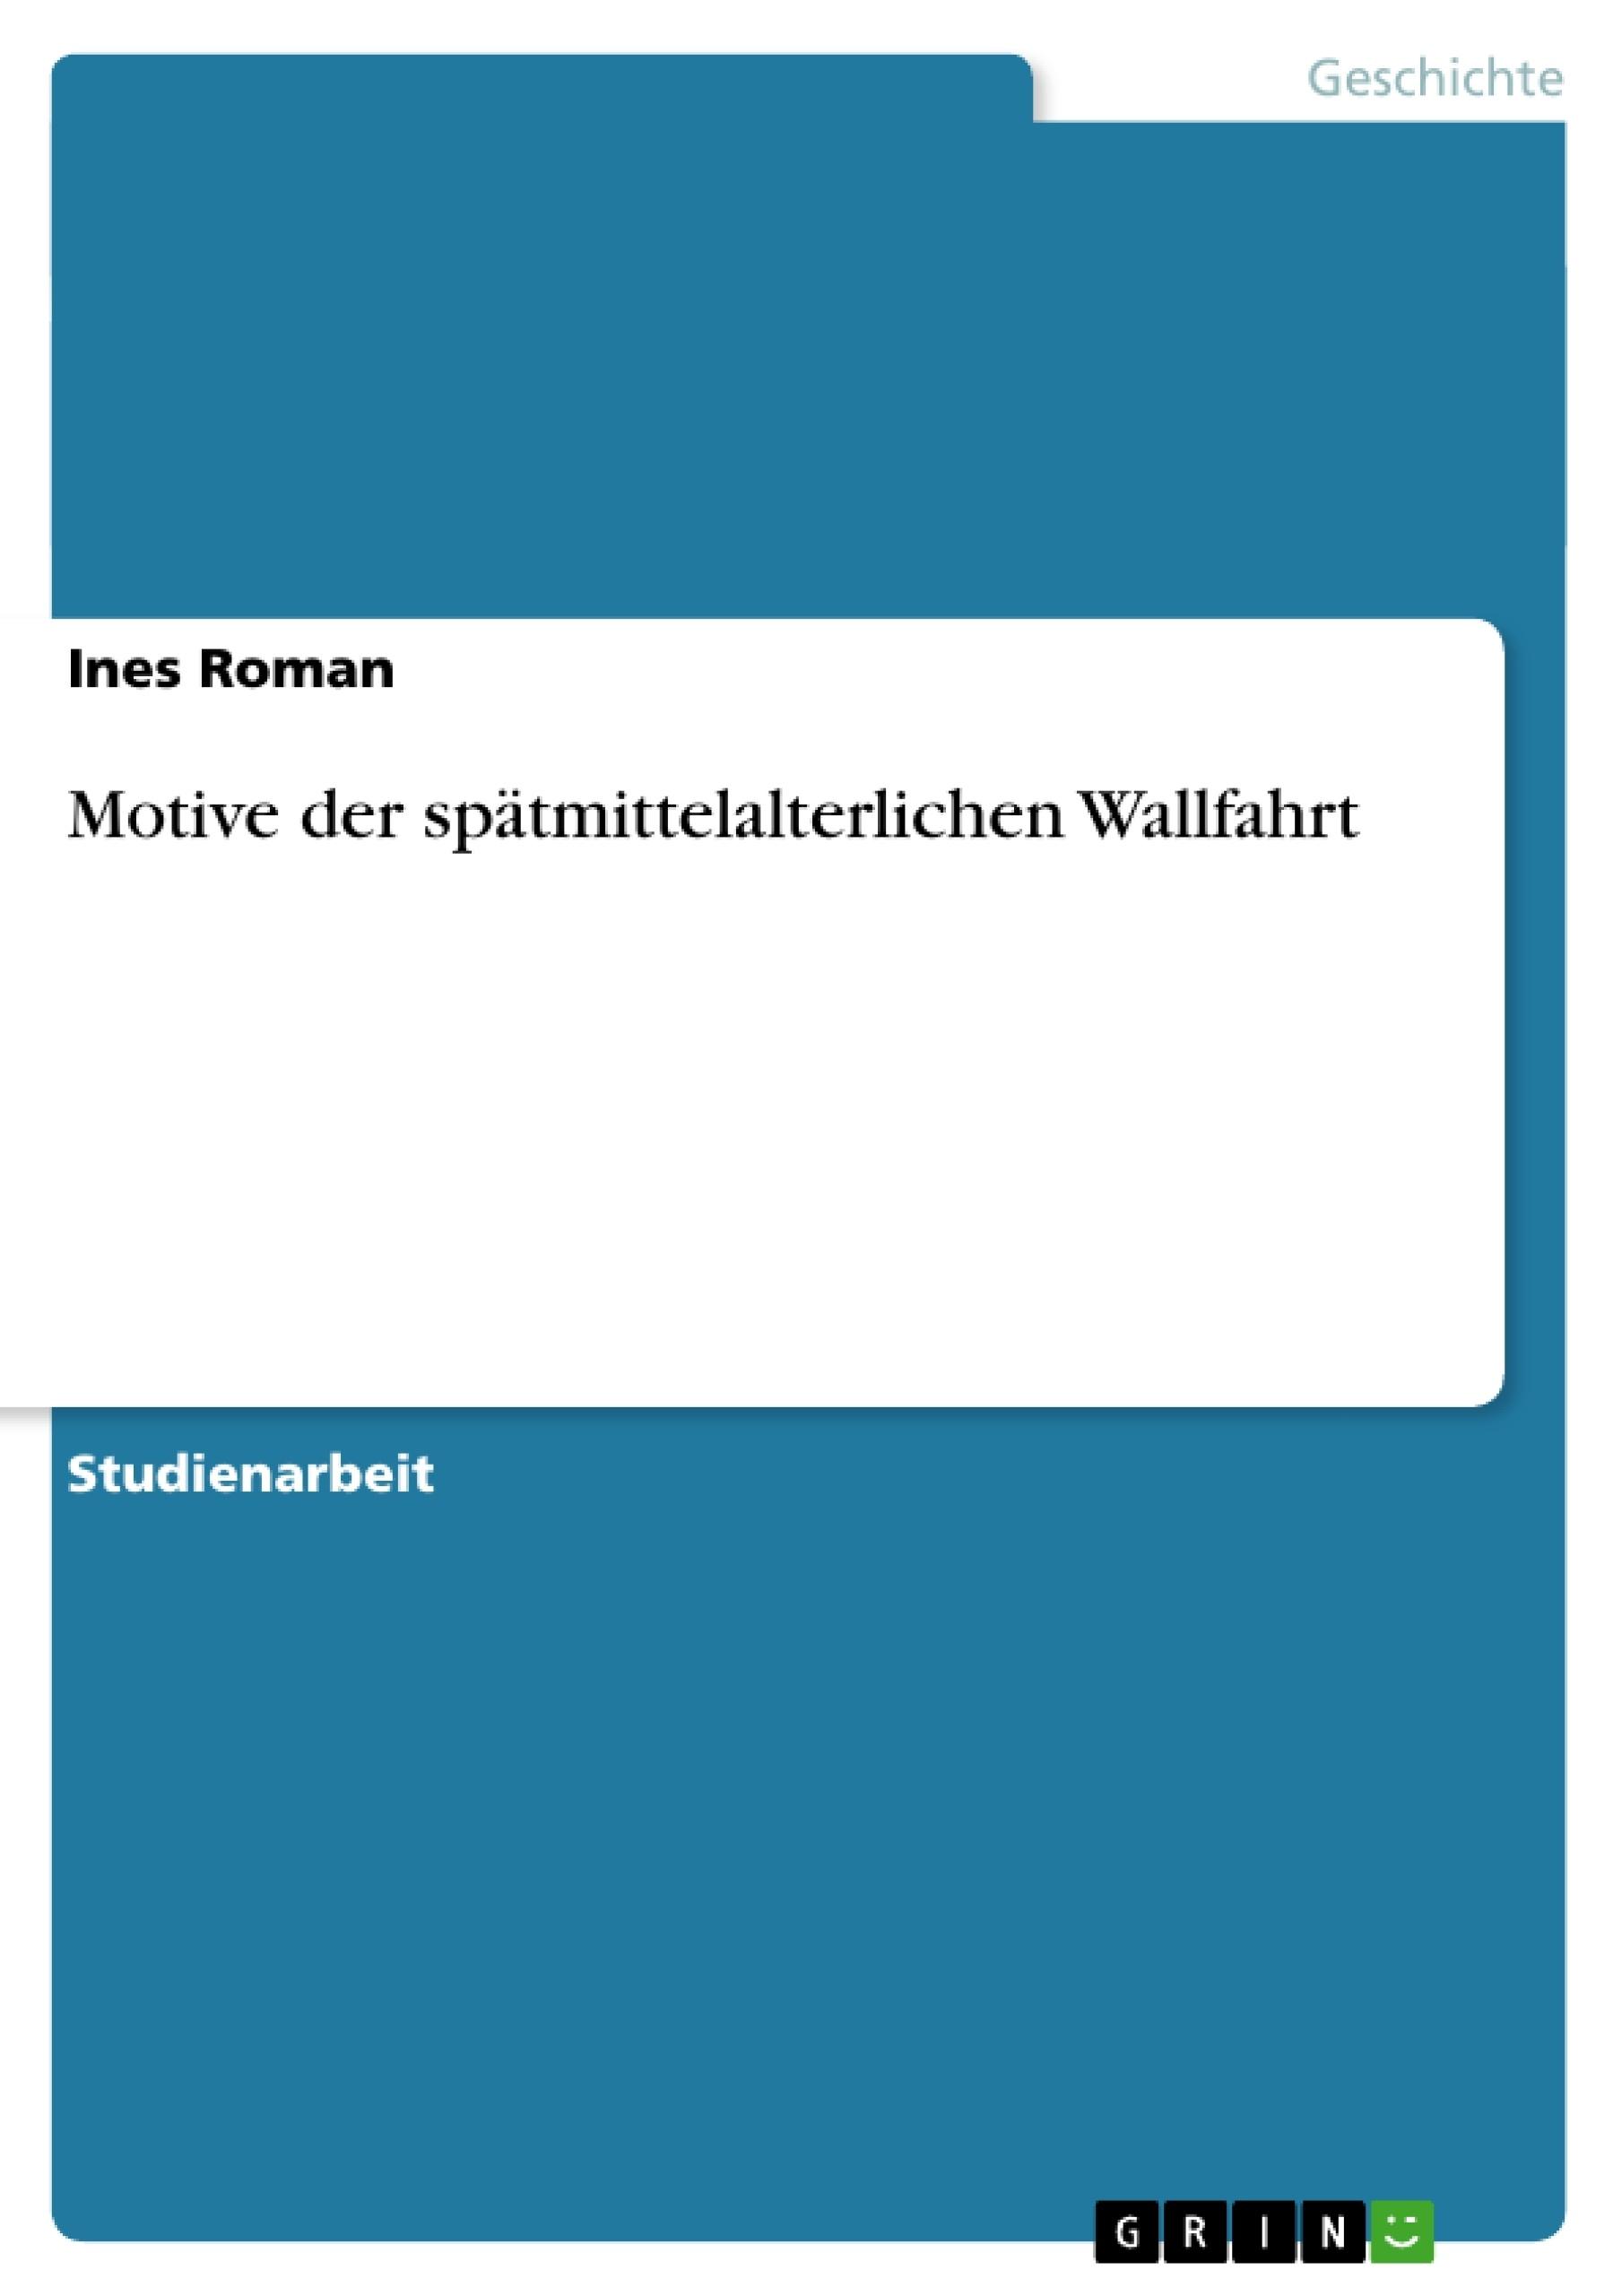 Titel: Motive der spätmittelalterlichen Wallfahrt